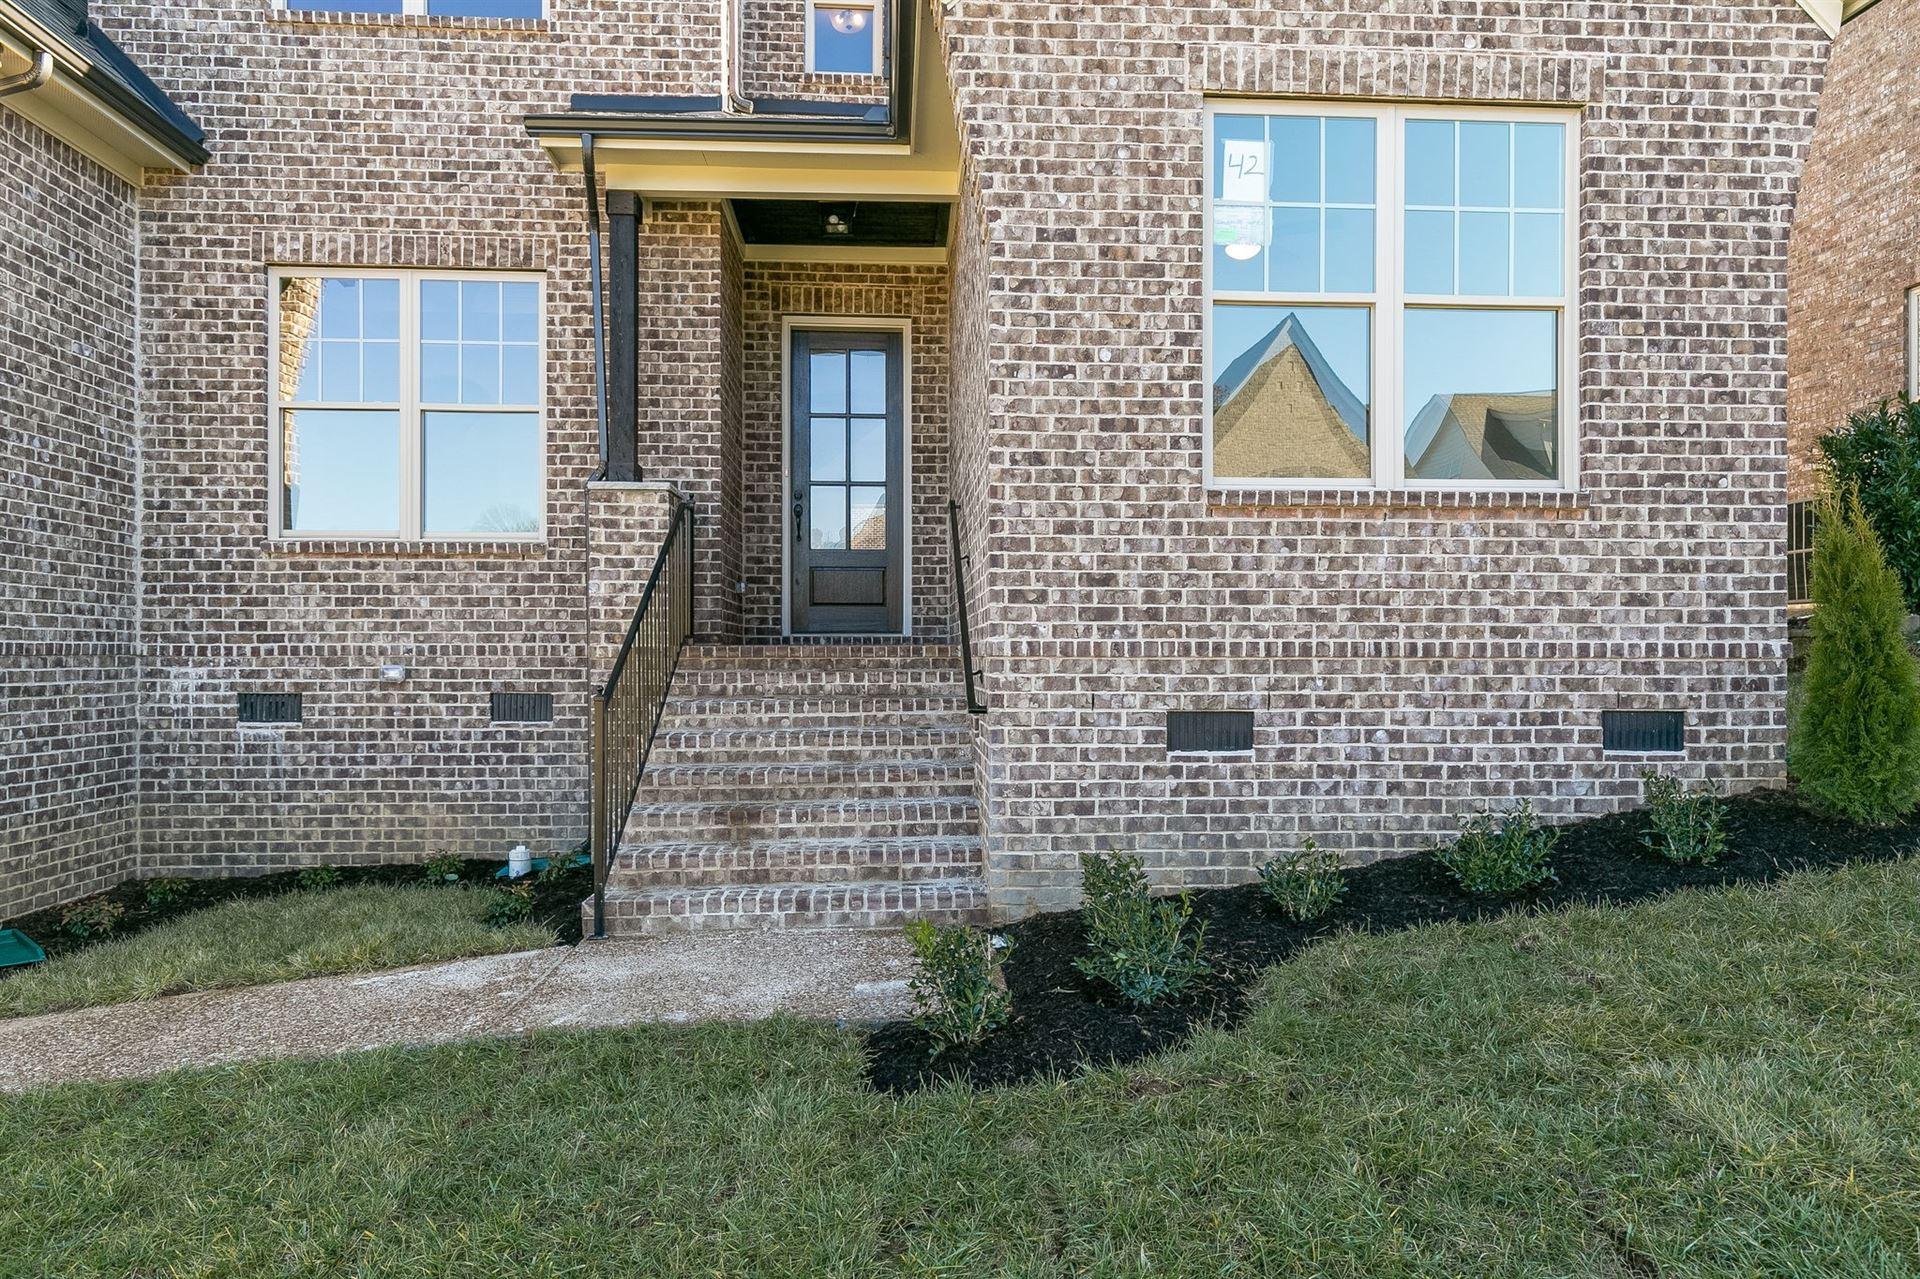 Photo of 256 Novalis Street - Lot 256, Nolensville, TN 37135 (MLS # 2204891)